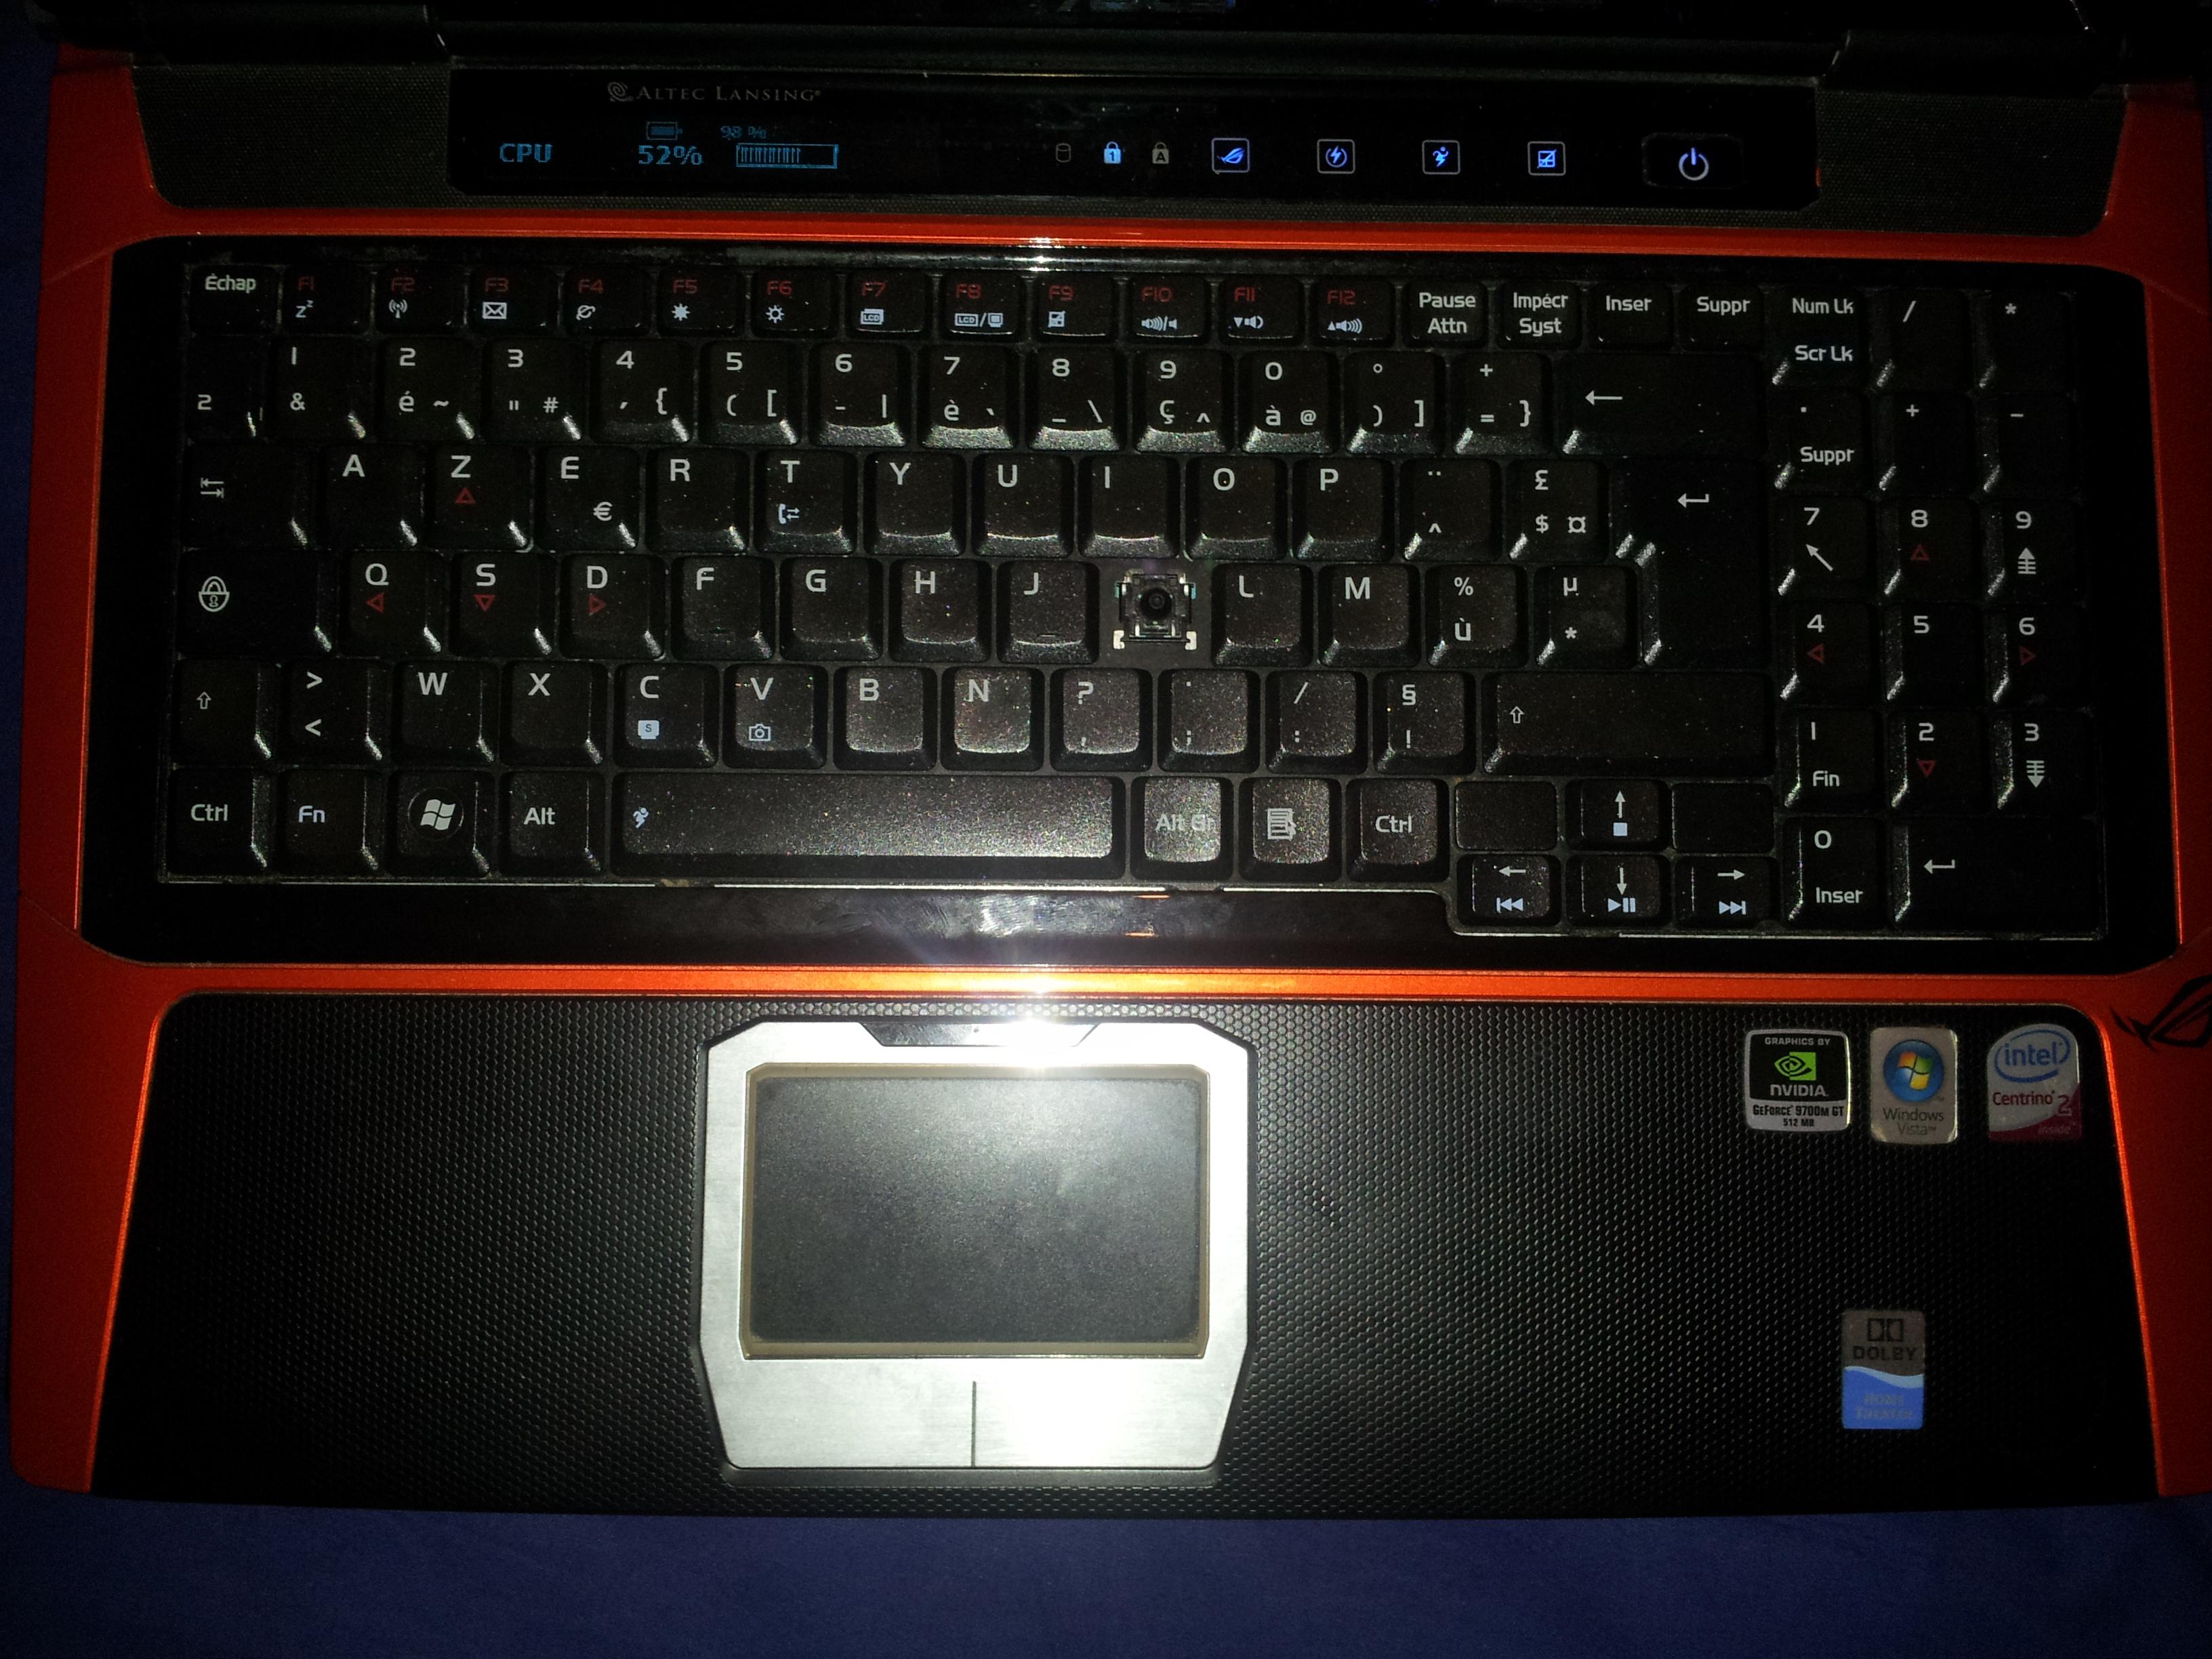 vds pc portable asus g50v ecran cass sur le forum mat riel informatique 21 10 2012 19 12 45. Black Bedroom Furniture Sets. Home Design Ideas